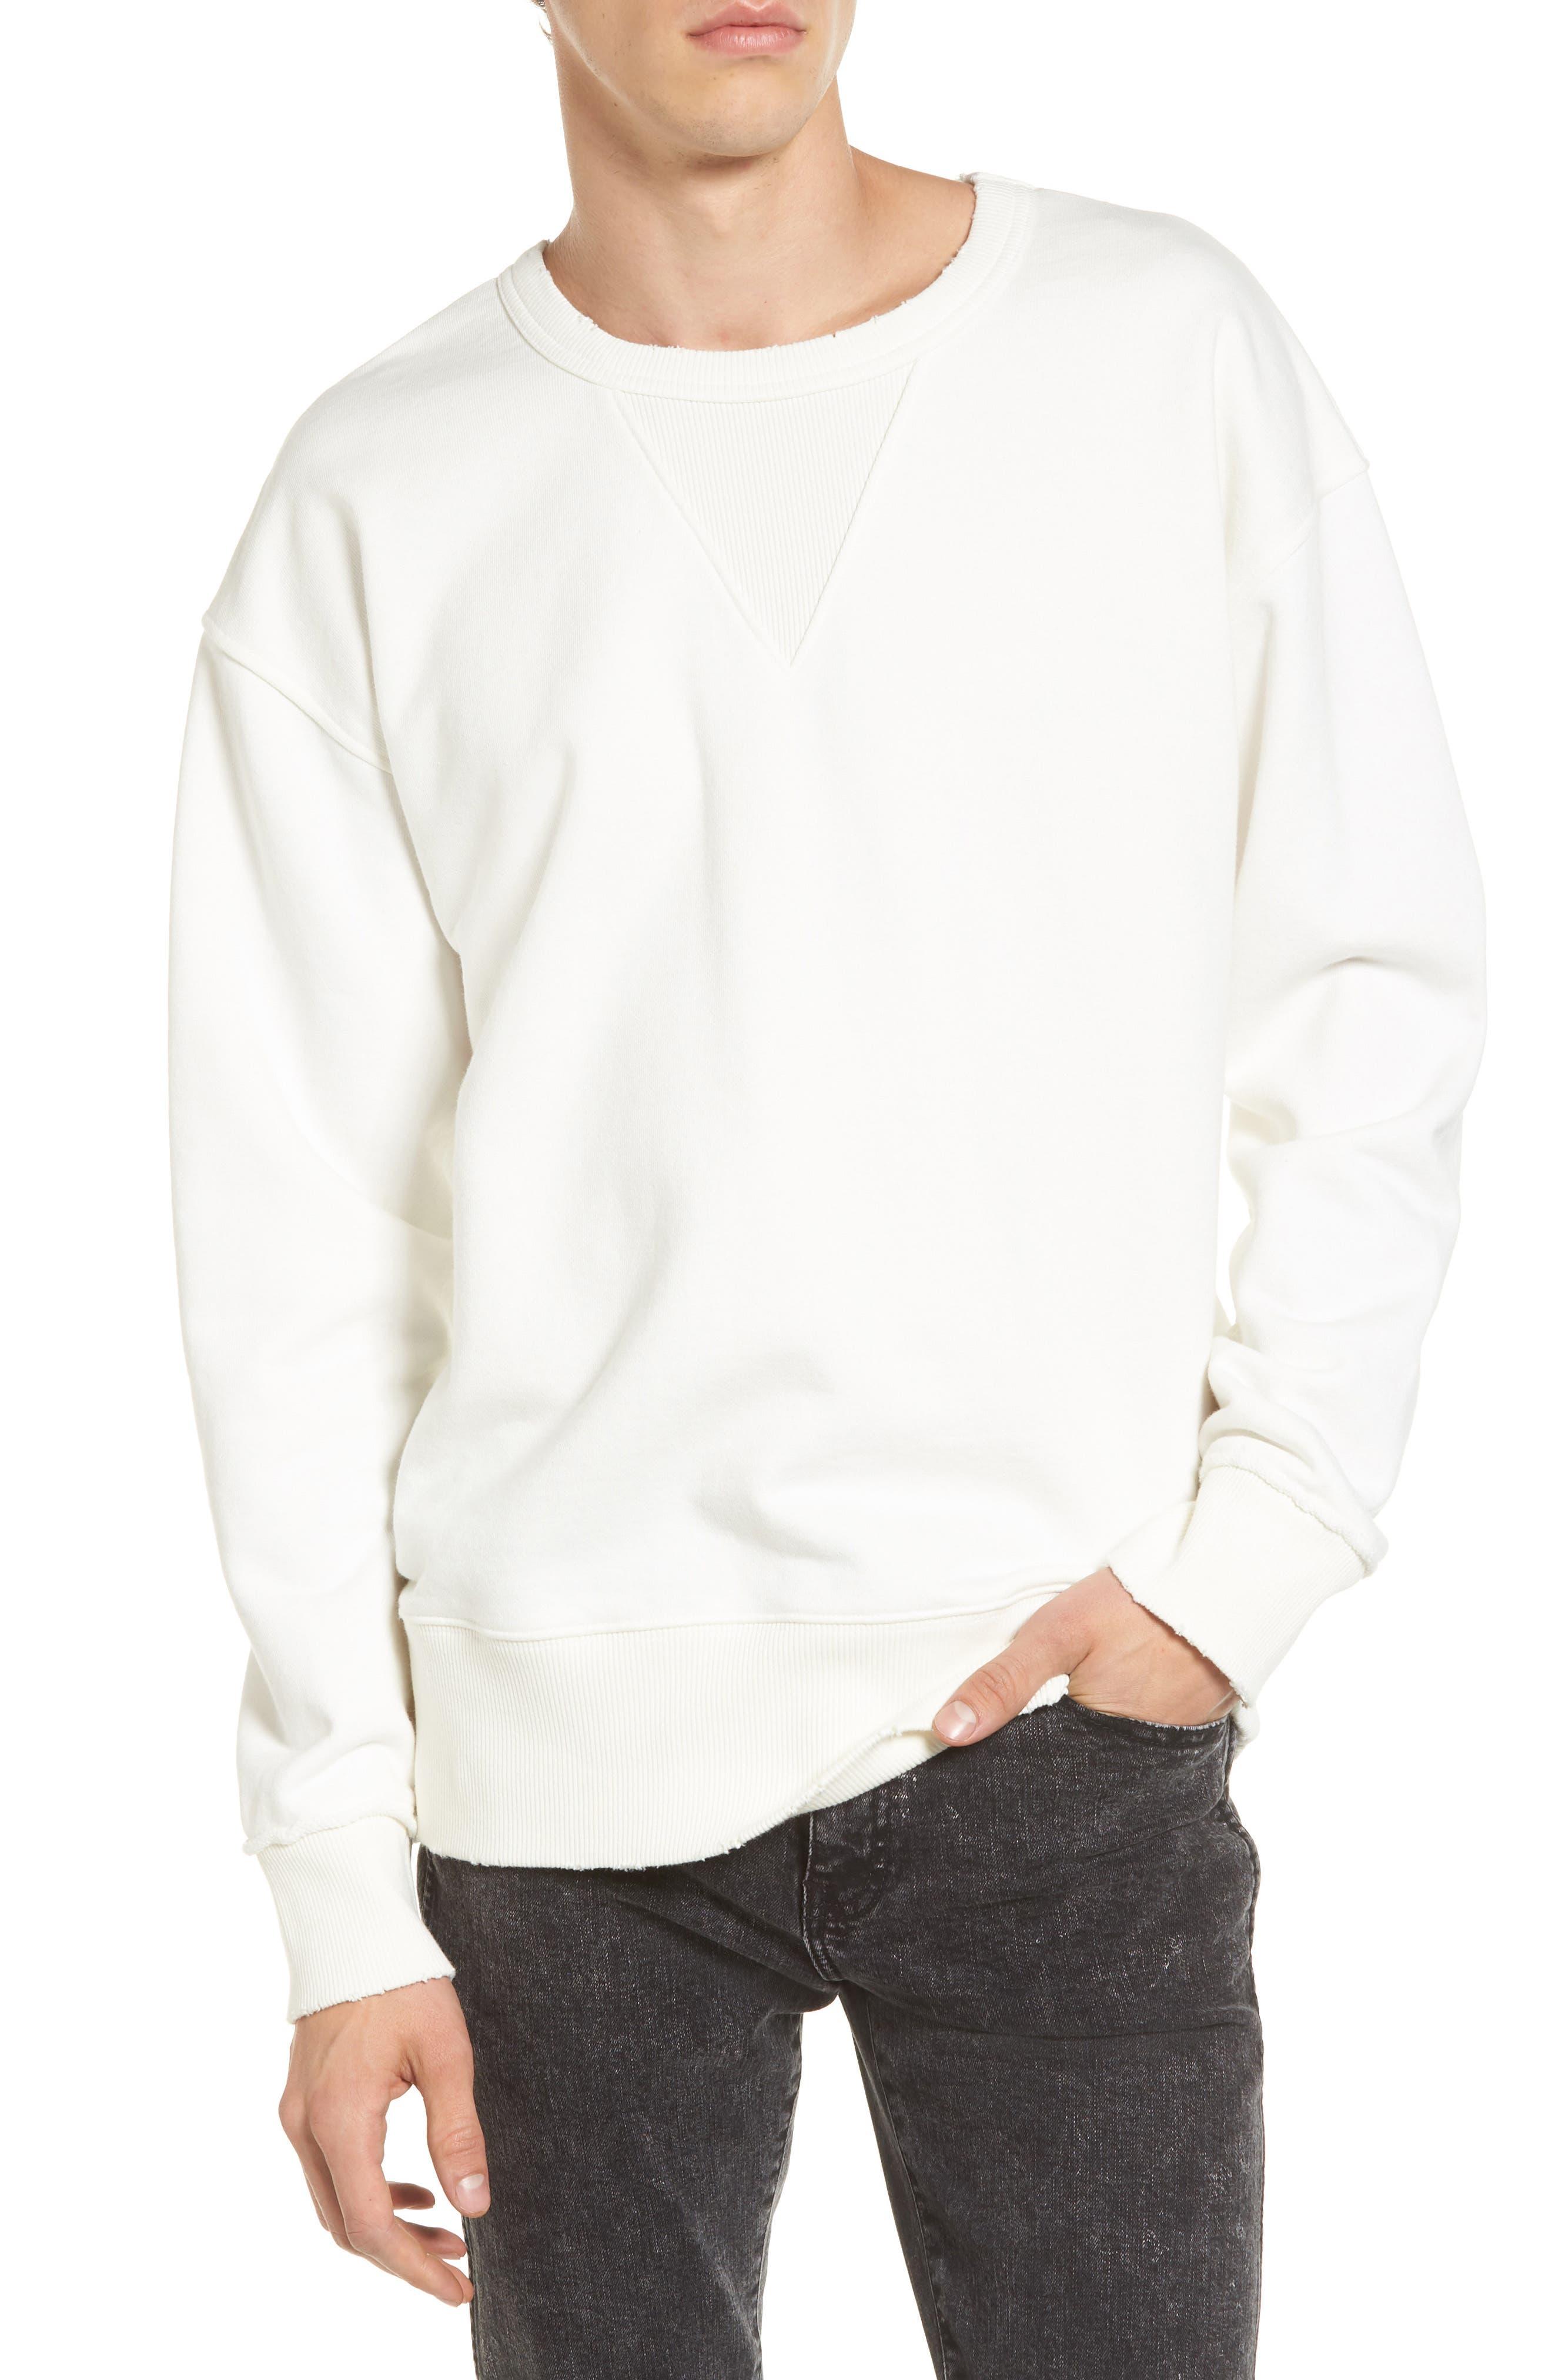 Main Image - Treasure & Bond Distressed Sweatshirt